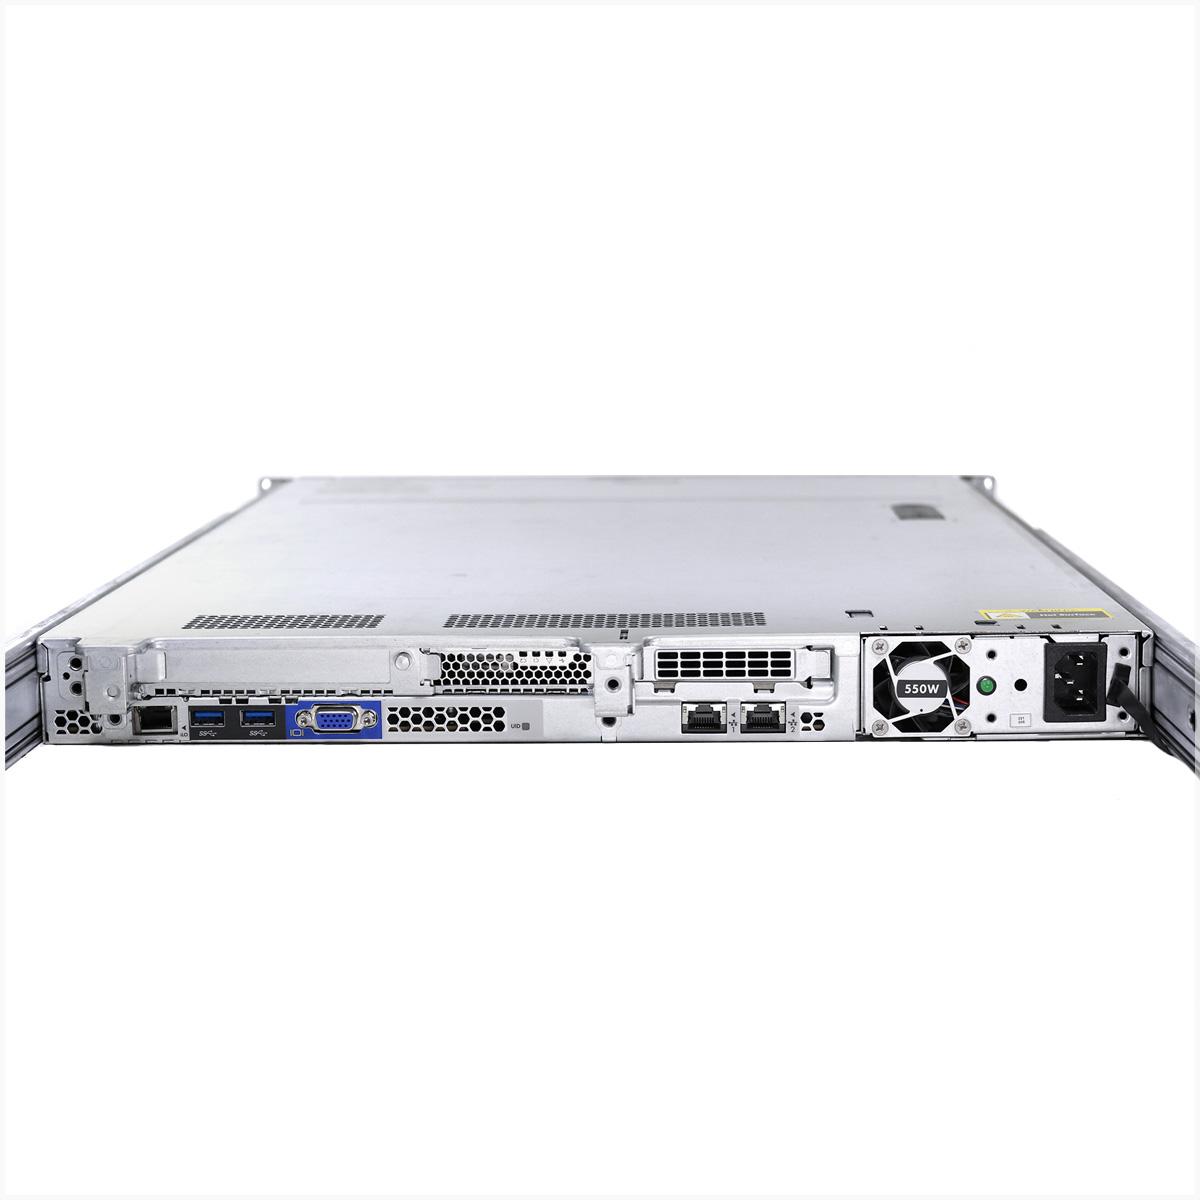 Servidor hp dl160 gen9 xeon e5-2620 v4 64gb 2x 1tb sas - usado